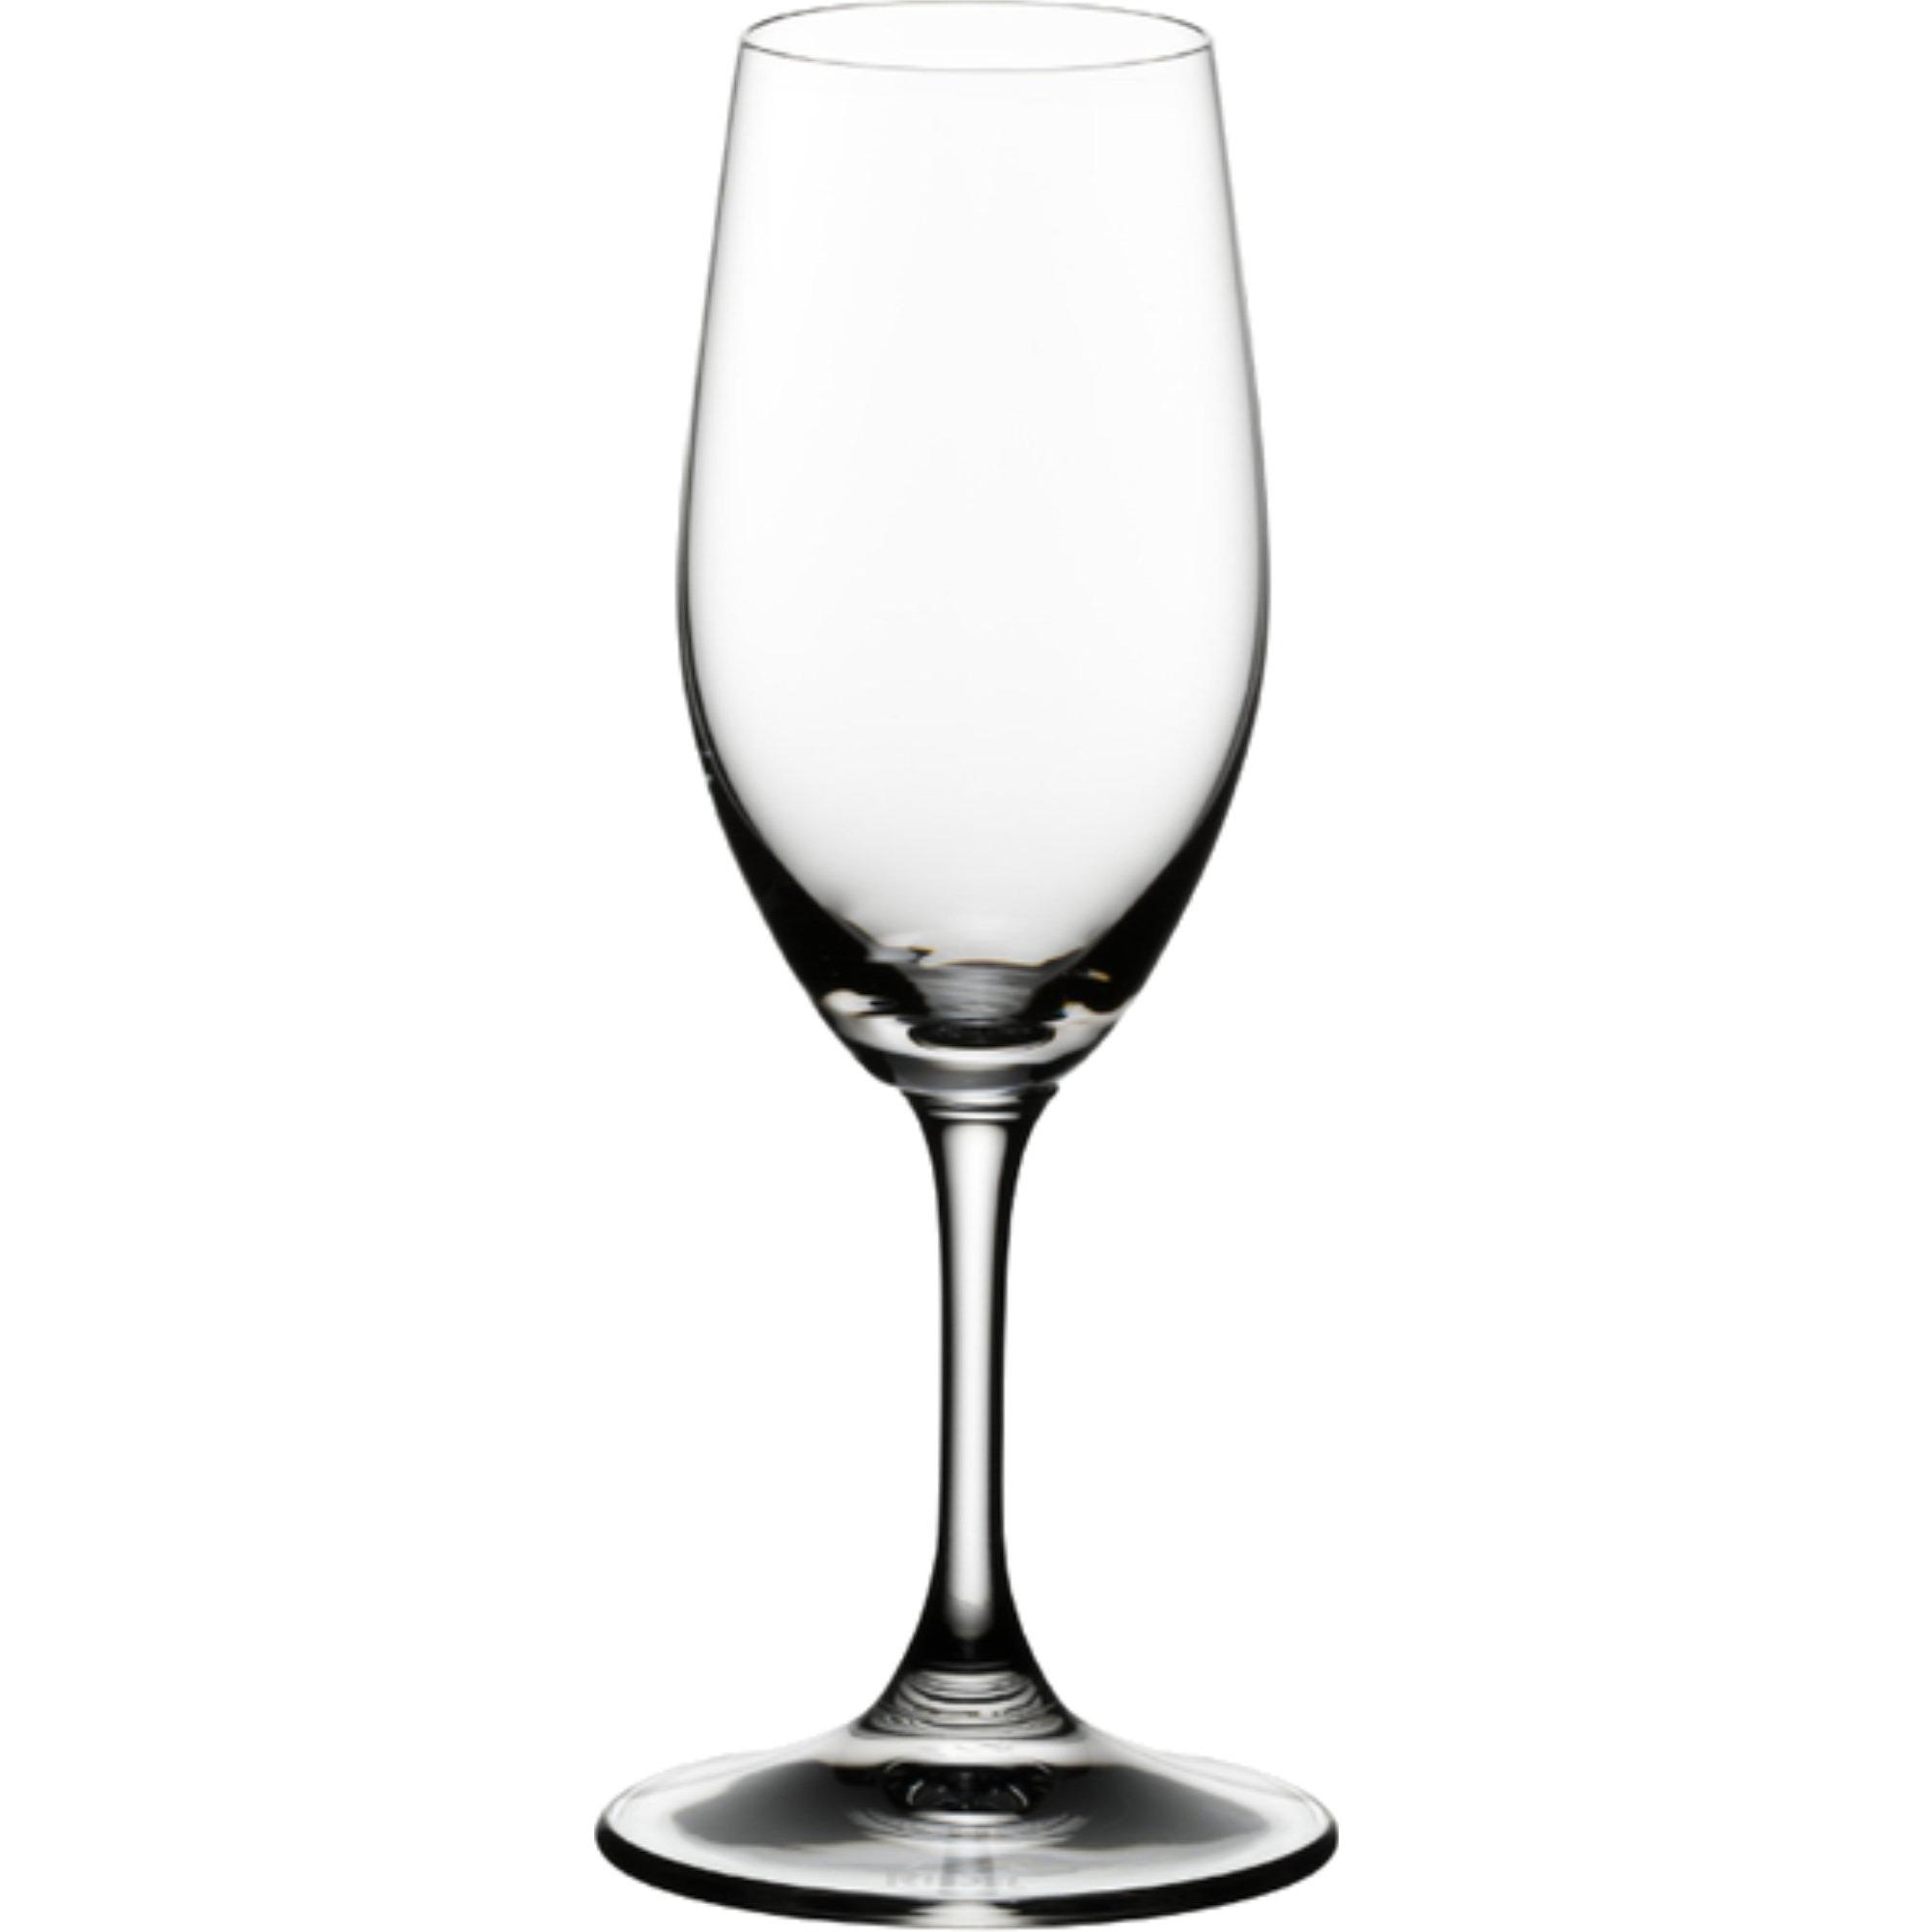 Riedel Ouverture Avecglas 18 cl 2-pack